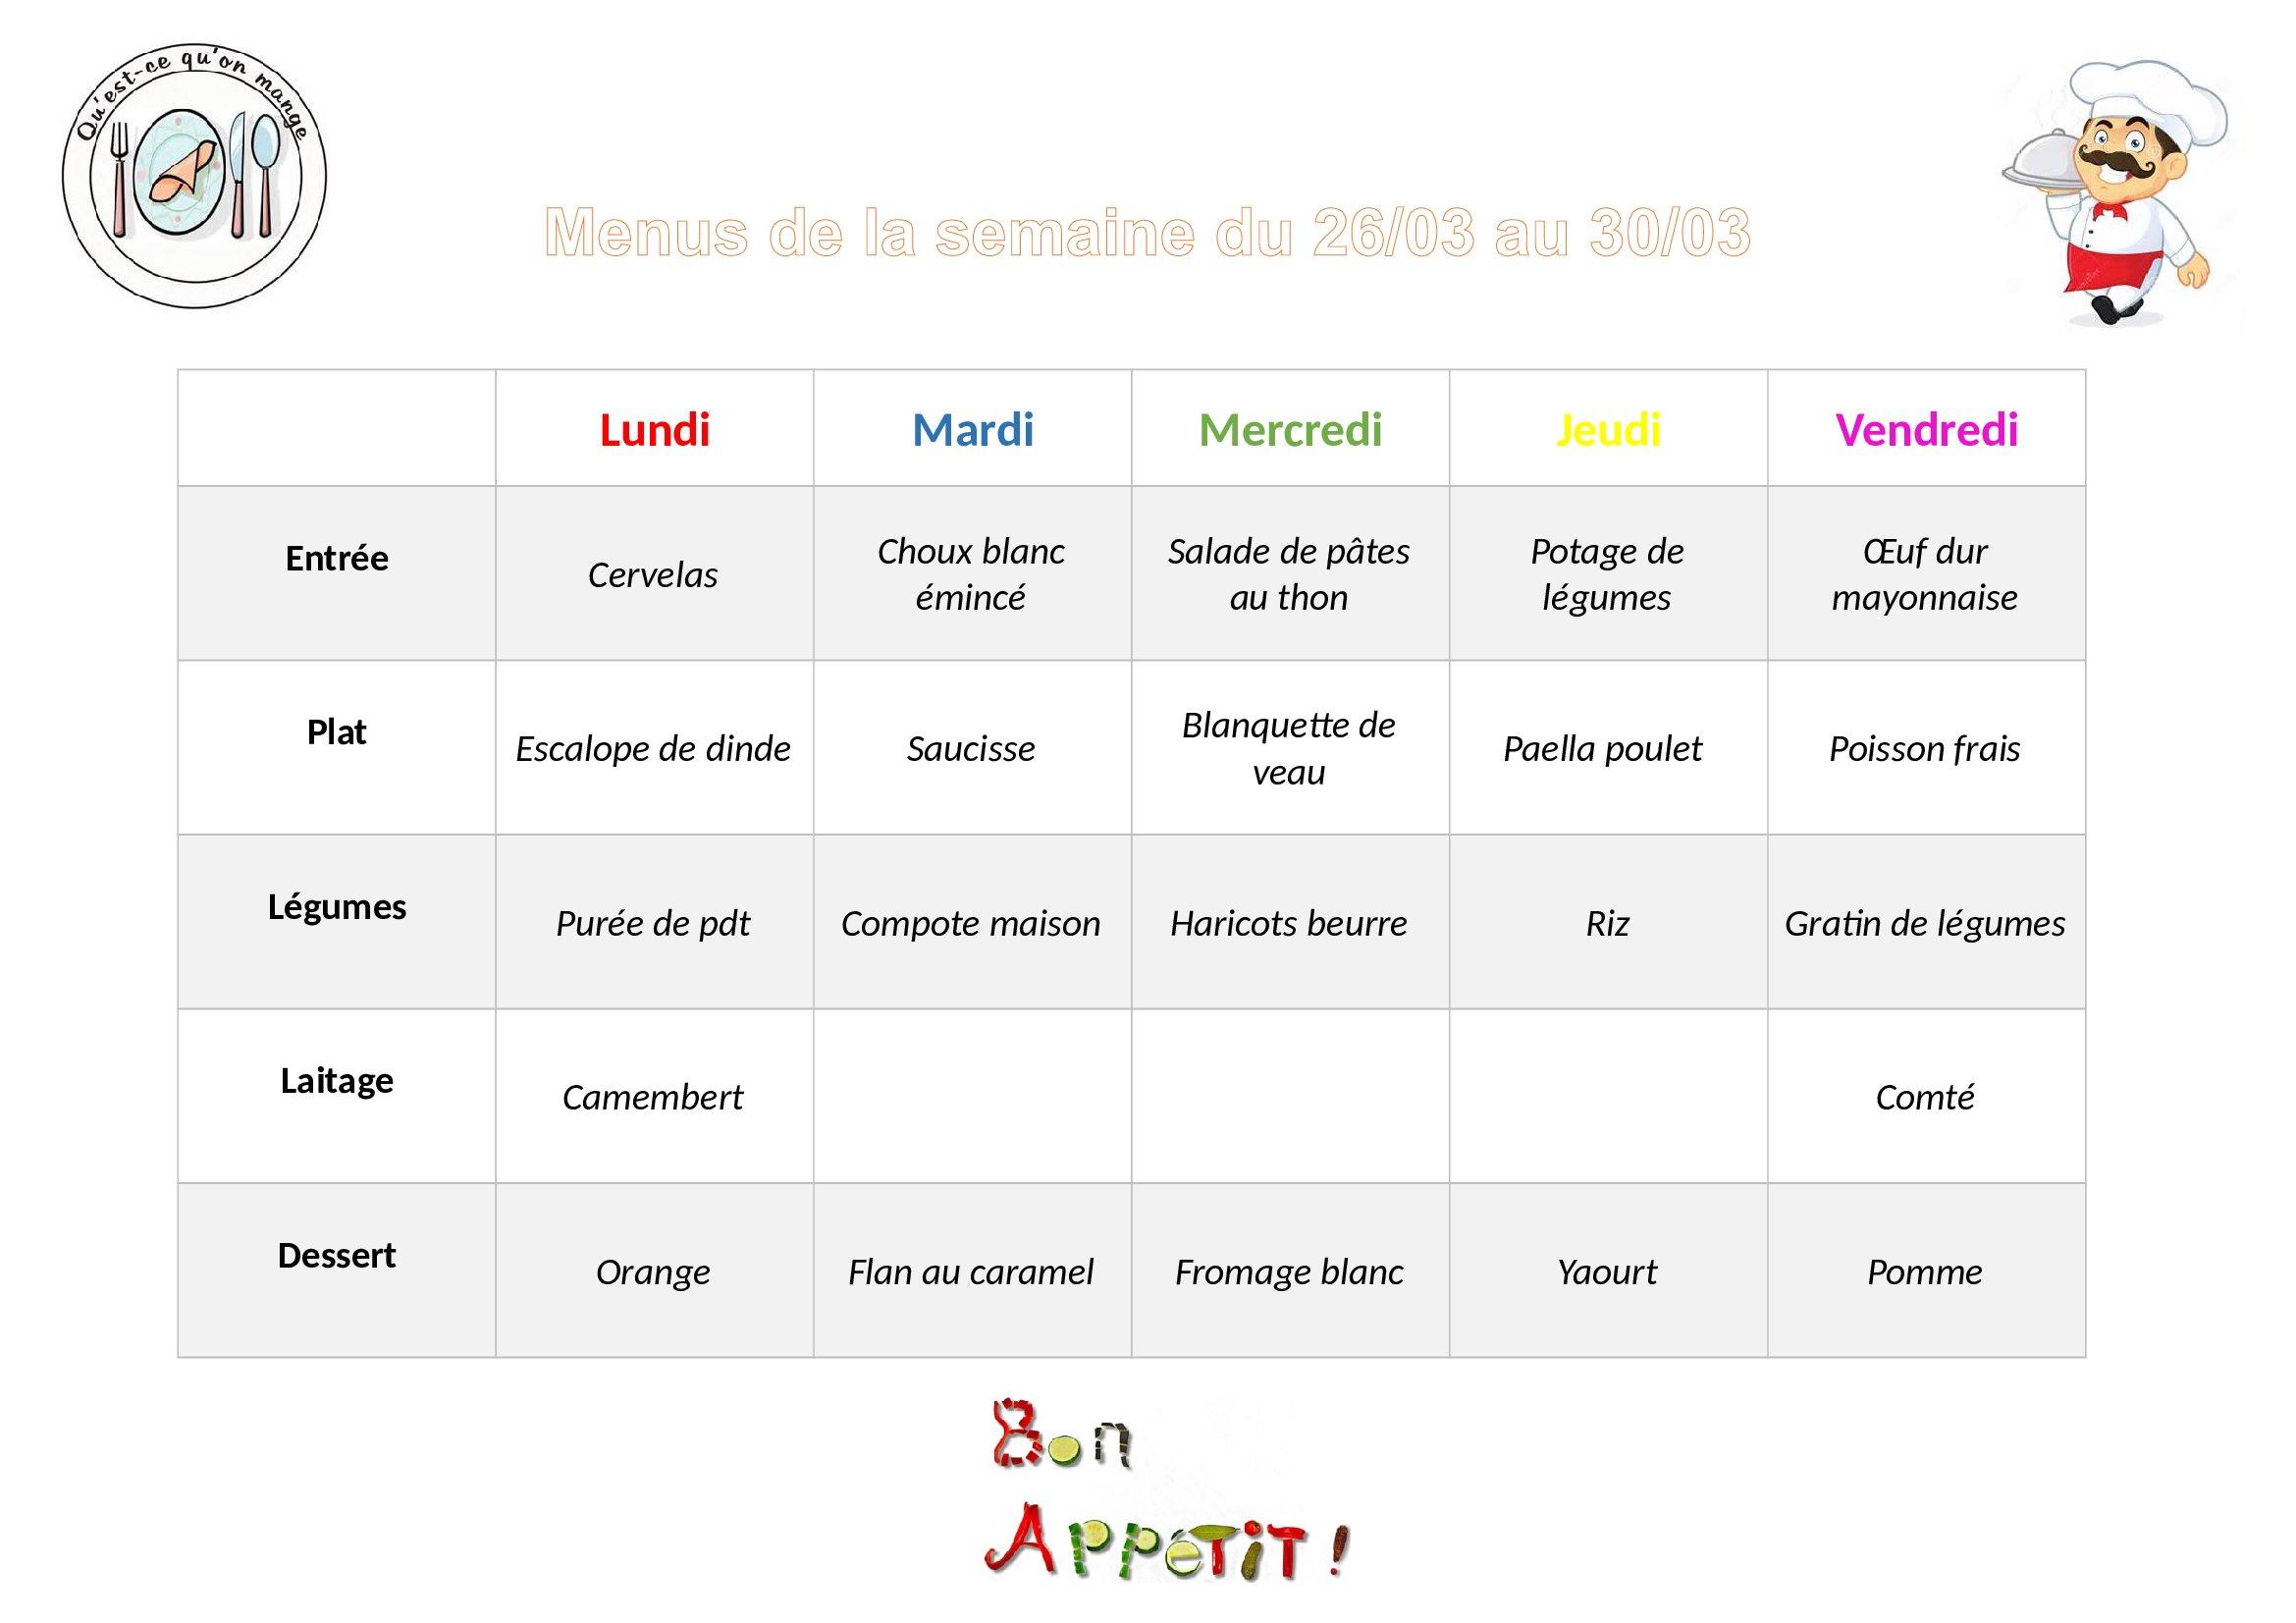 menu_13.jpg